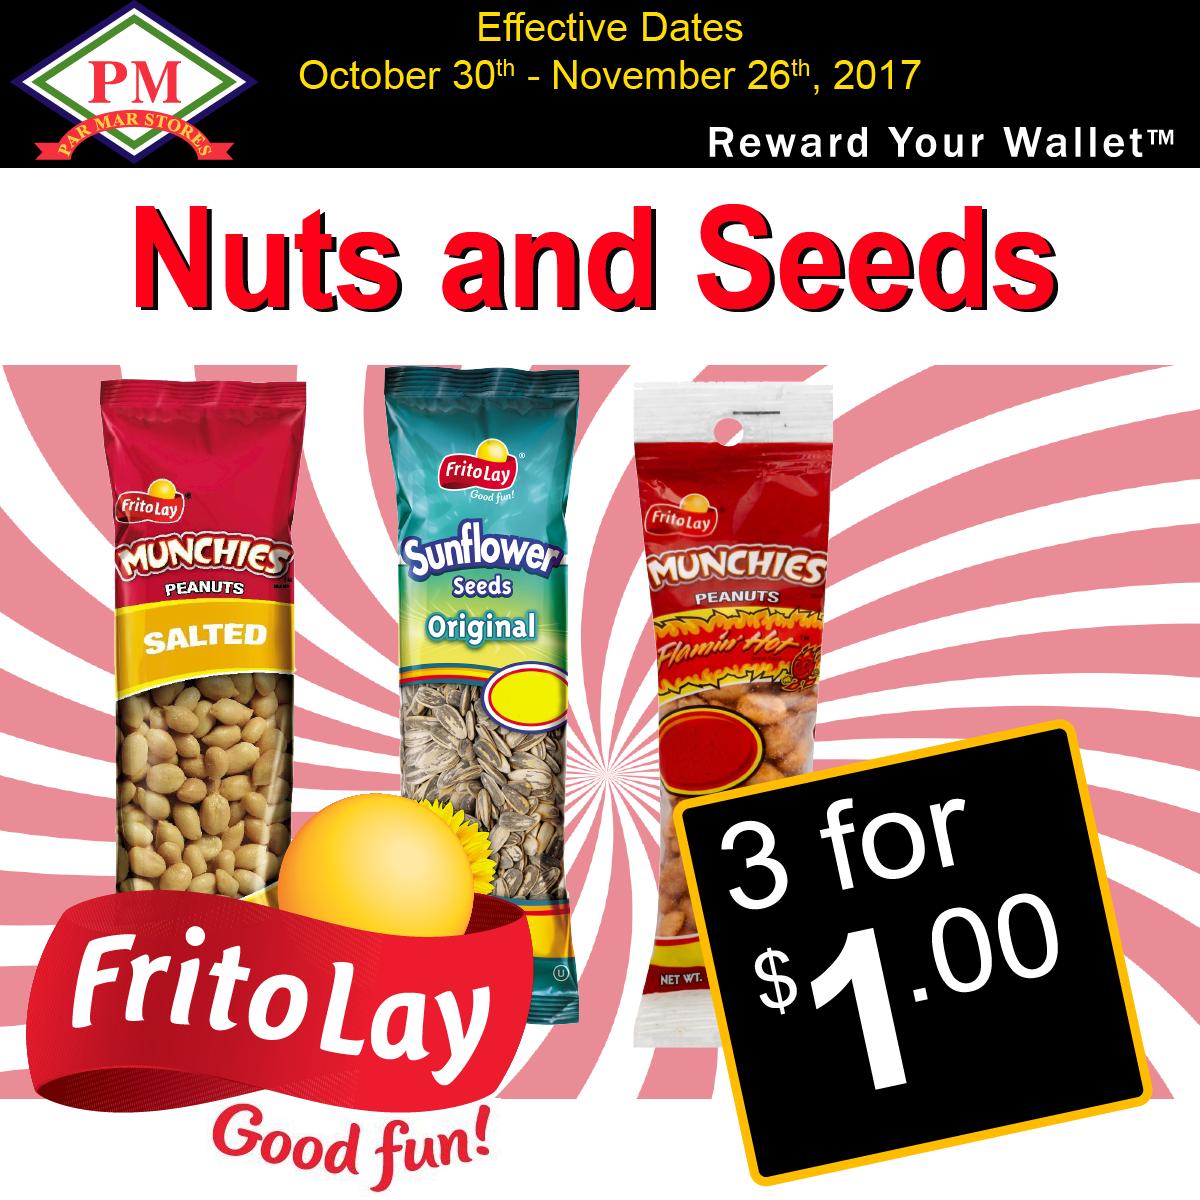 FritoLa nut